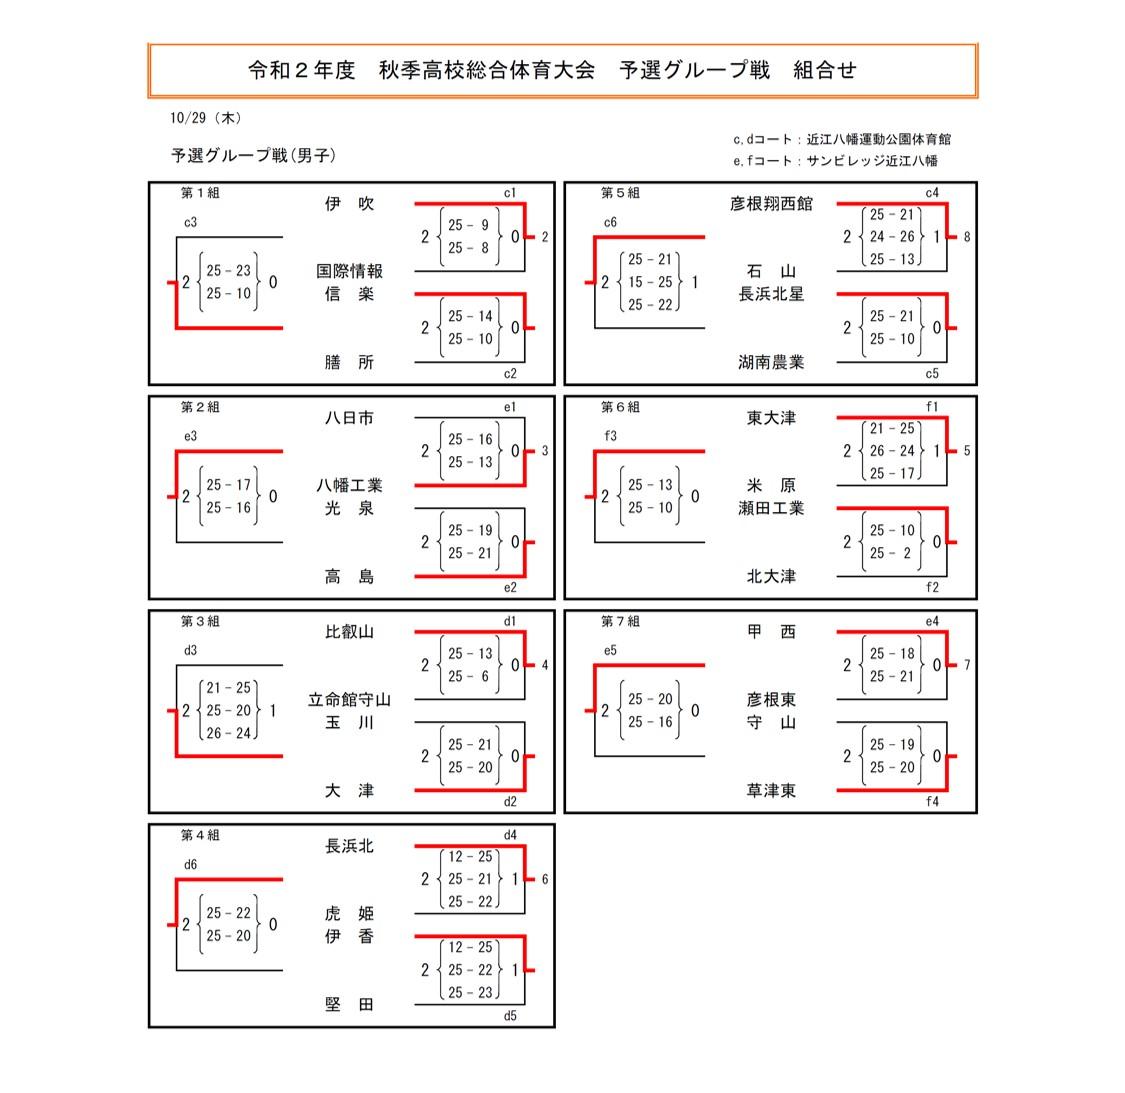 2020年度_全日本高校選手権_滋賀予選_男子_予選グループ_結果